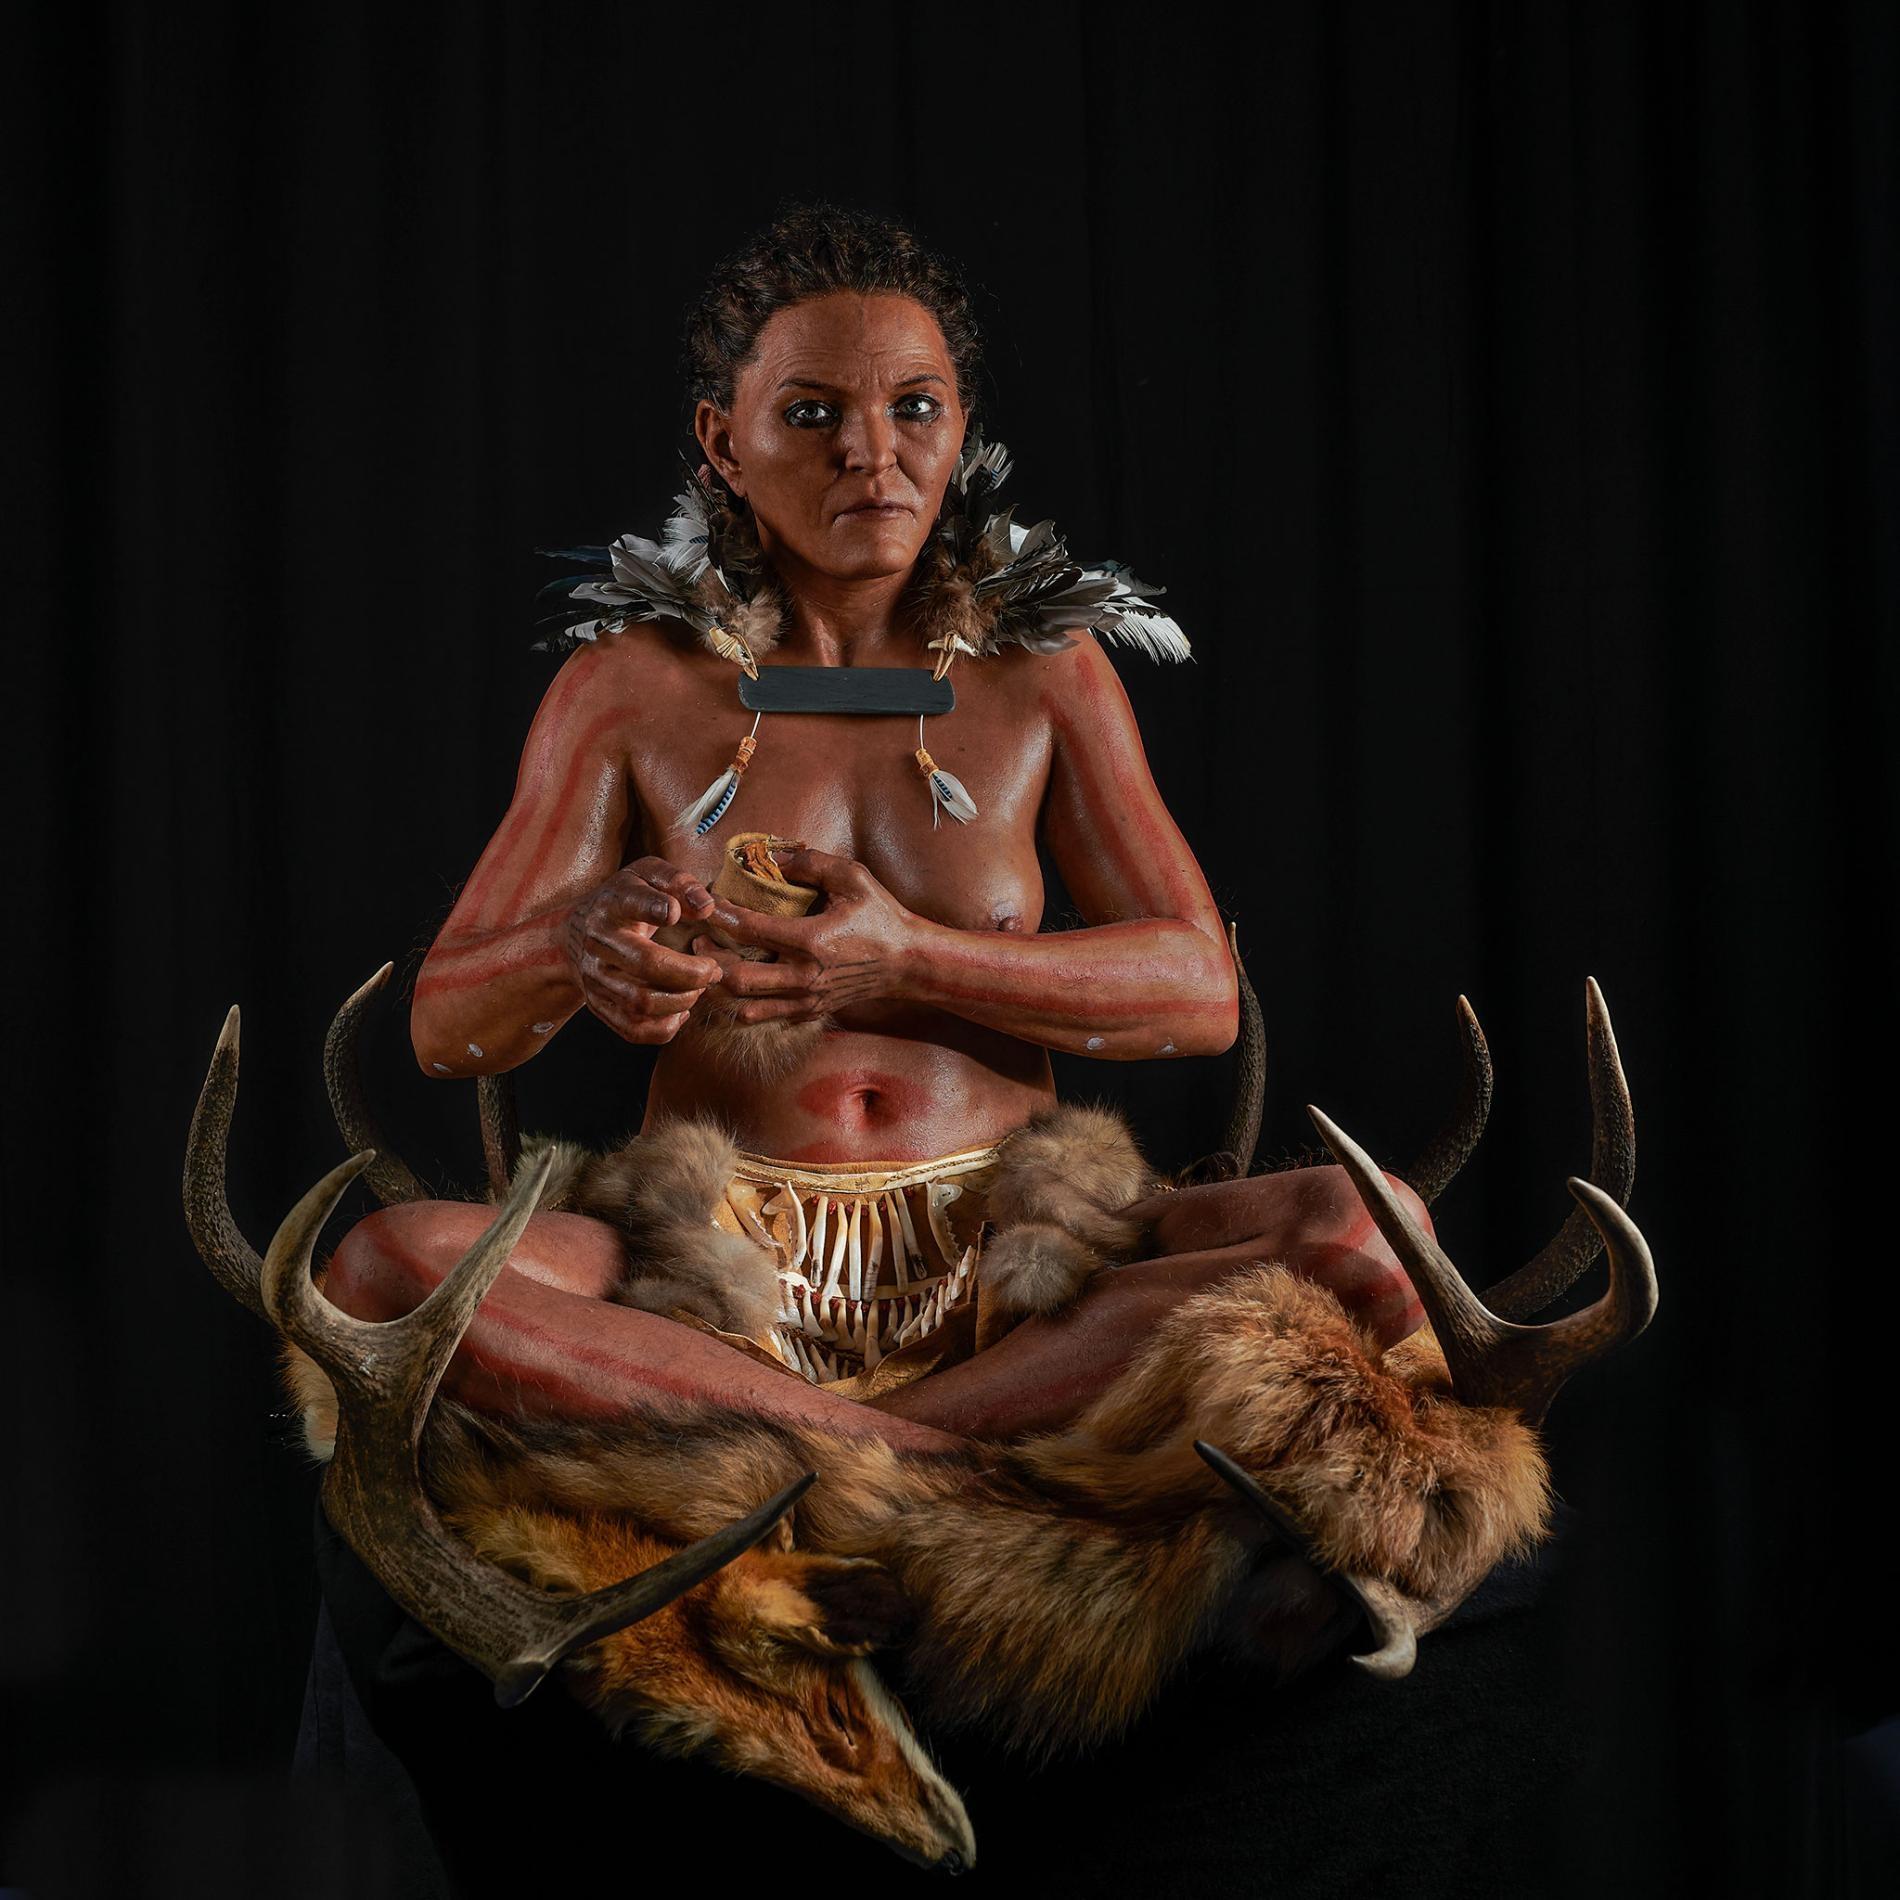 研究人員利用骨骼遺骸和古代DNA來重建一名女性的墓葬,她在七千多年前居住在現在的瑞典南部。PHOTOGRAPH BY GERT GERMERAAD, TRELLEBORGS MUSEUM